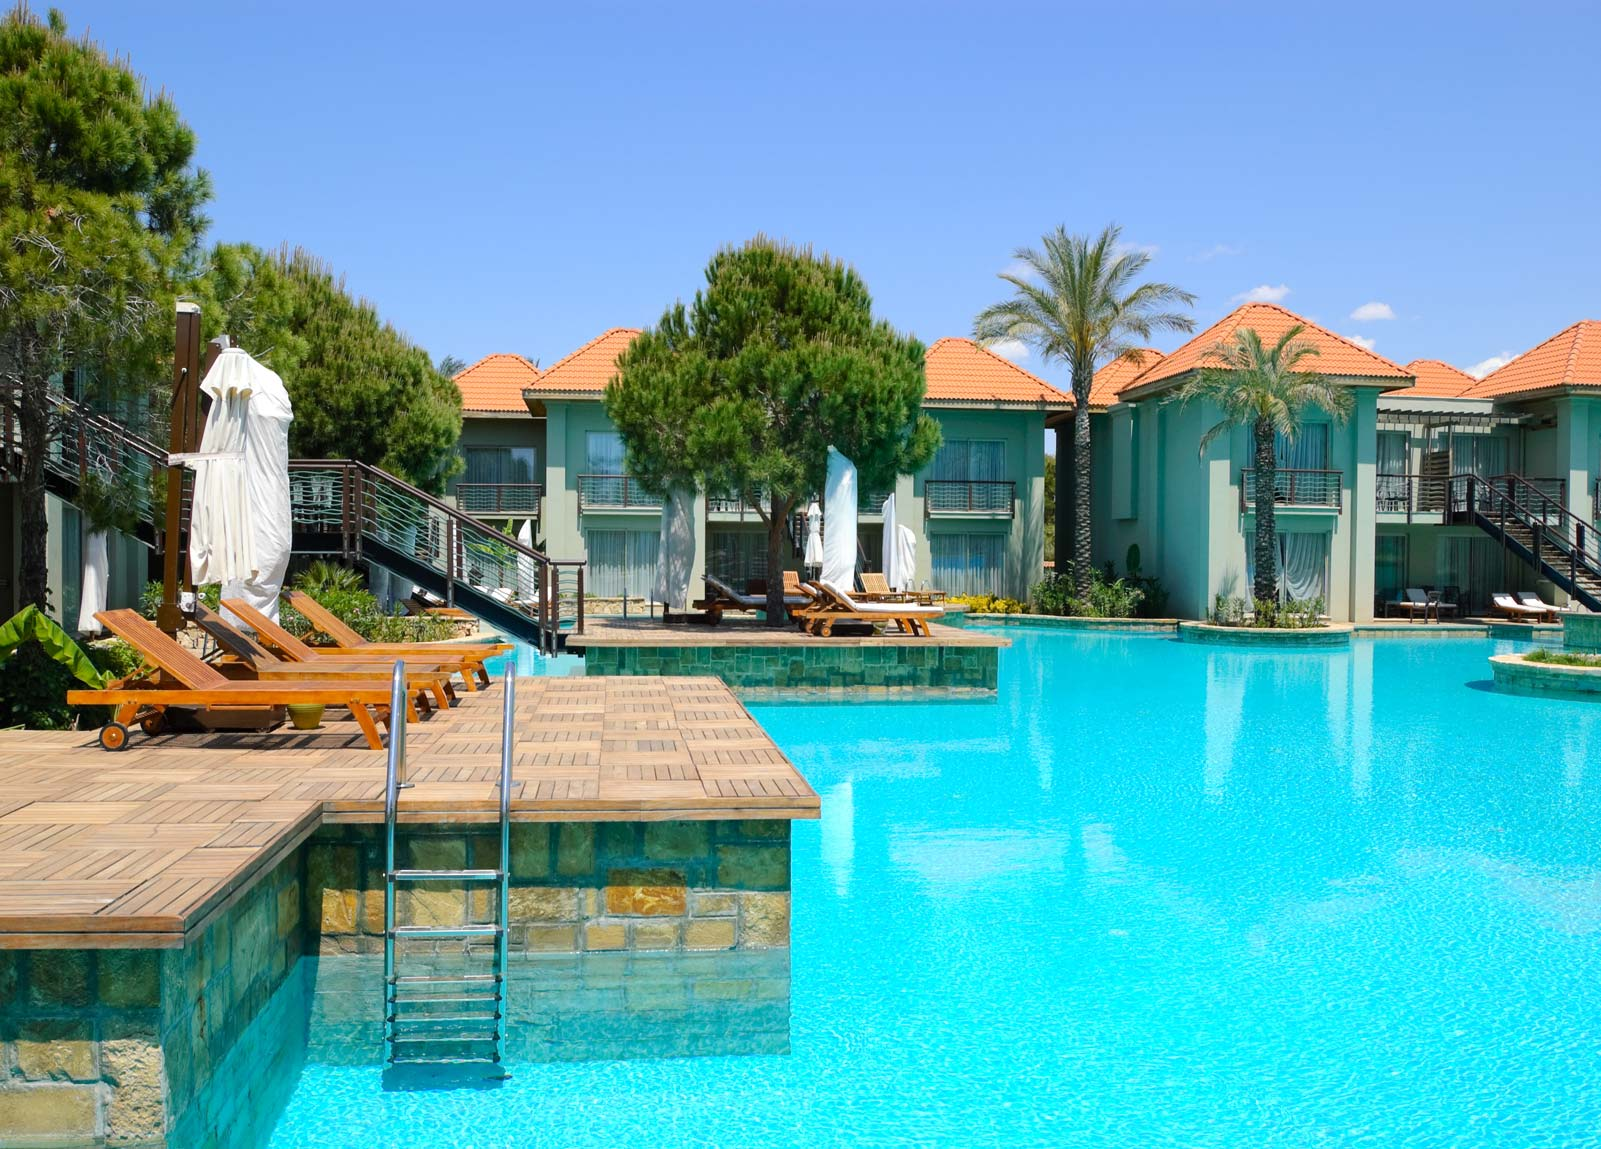 Turkish riviera villas